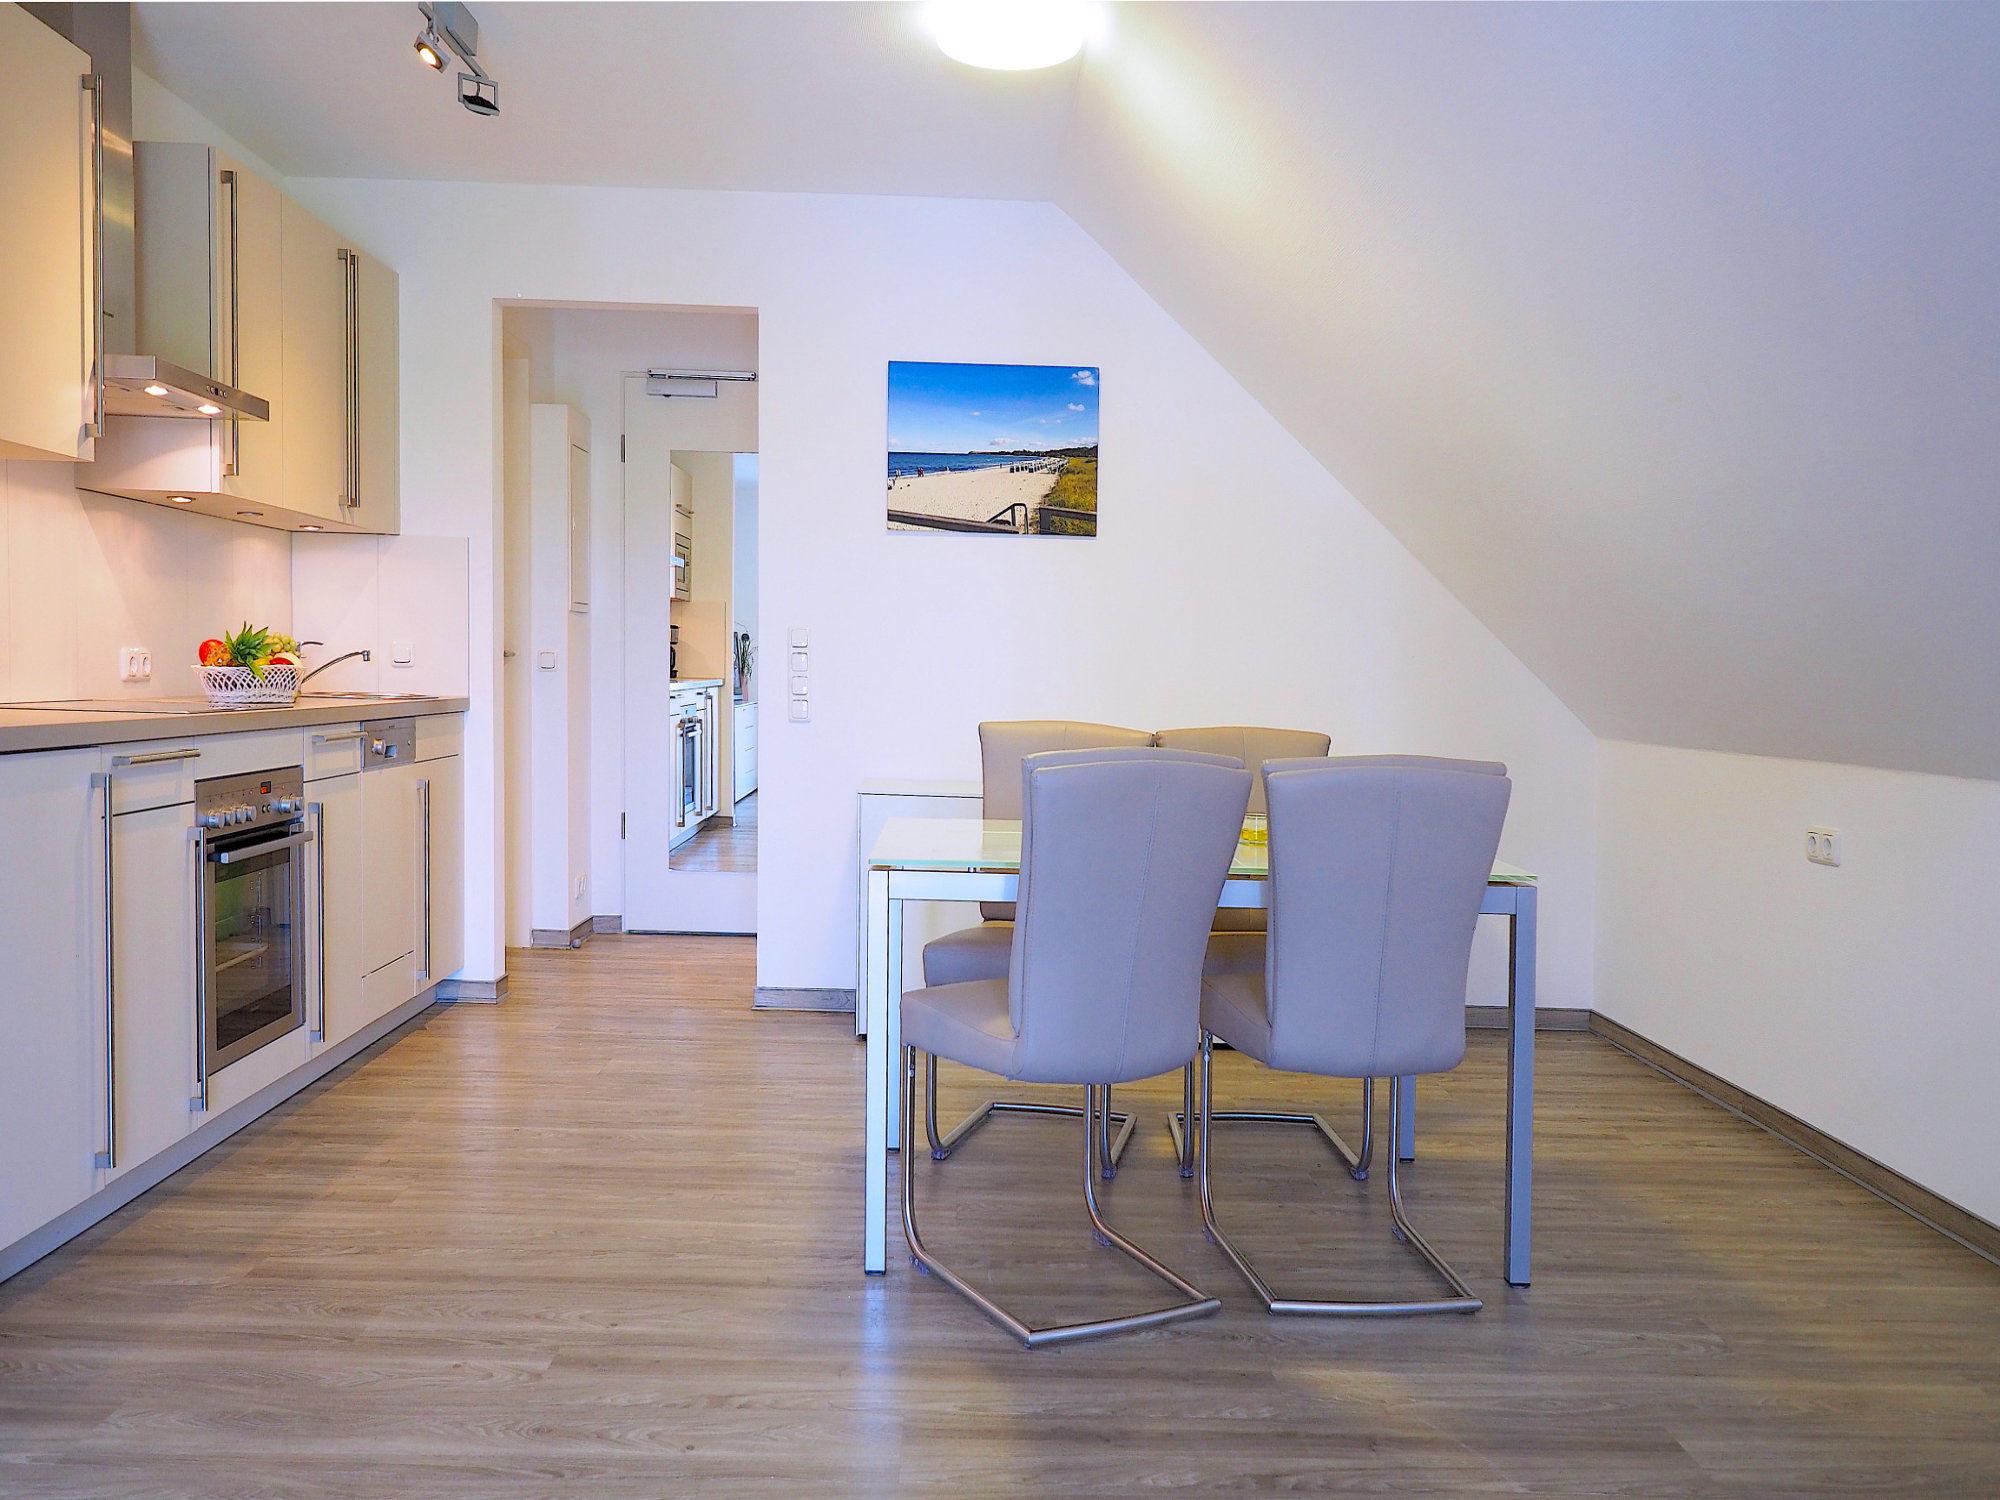 Esstisch mit 4 Stühlen und links davon moderne Küchenzeile